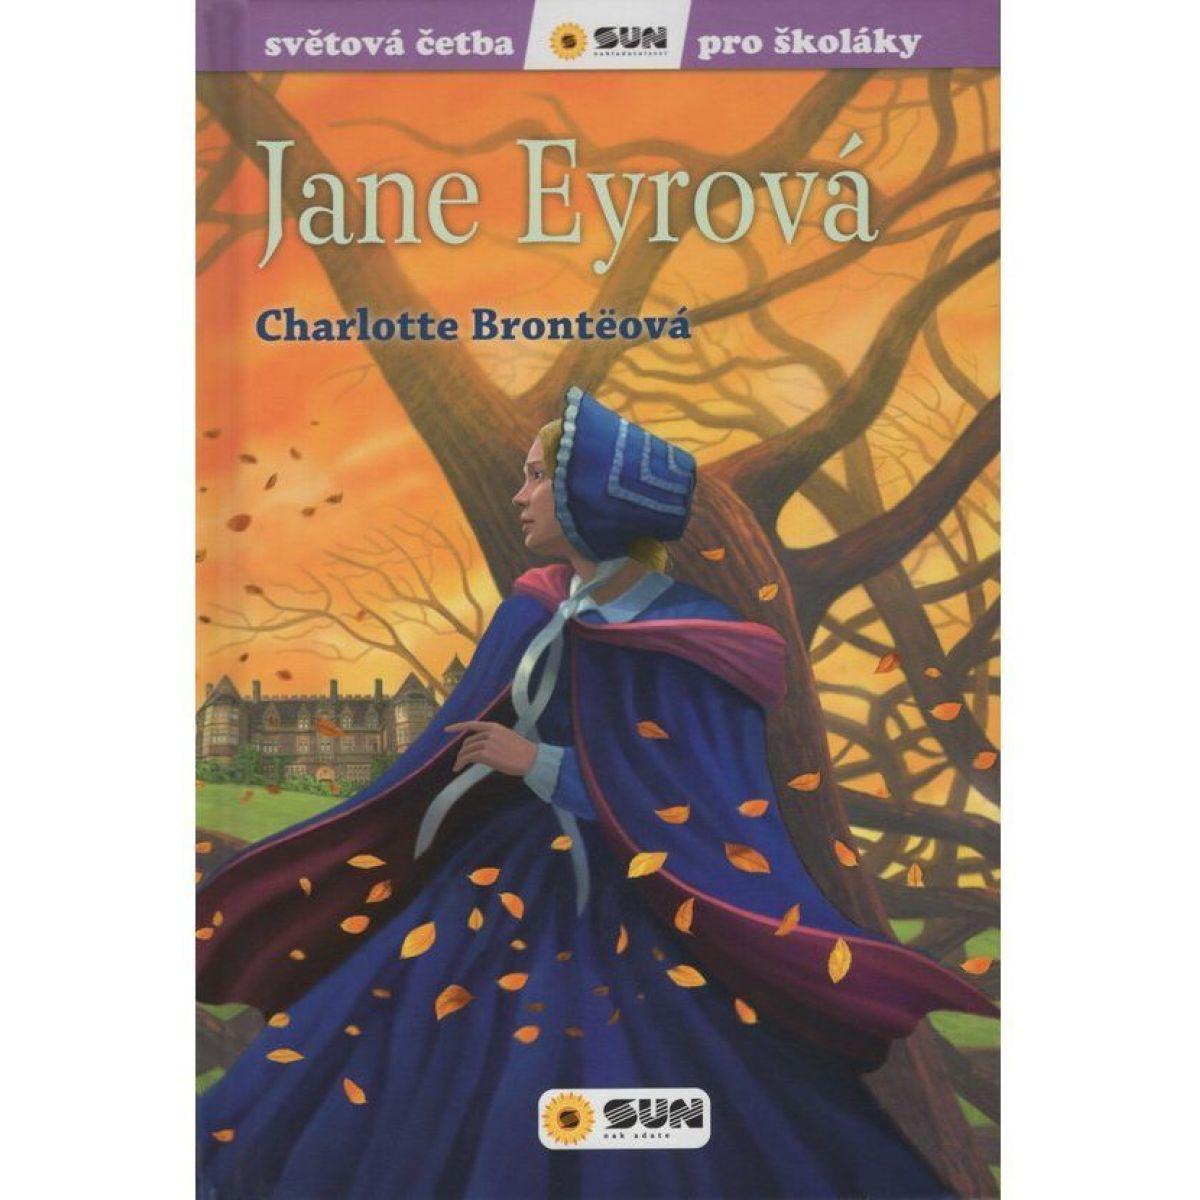 Svetová čítanie pre školákov Jane Eyrová